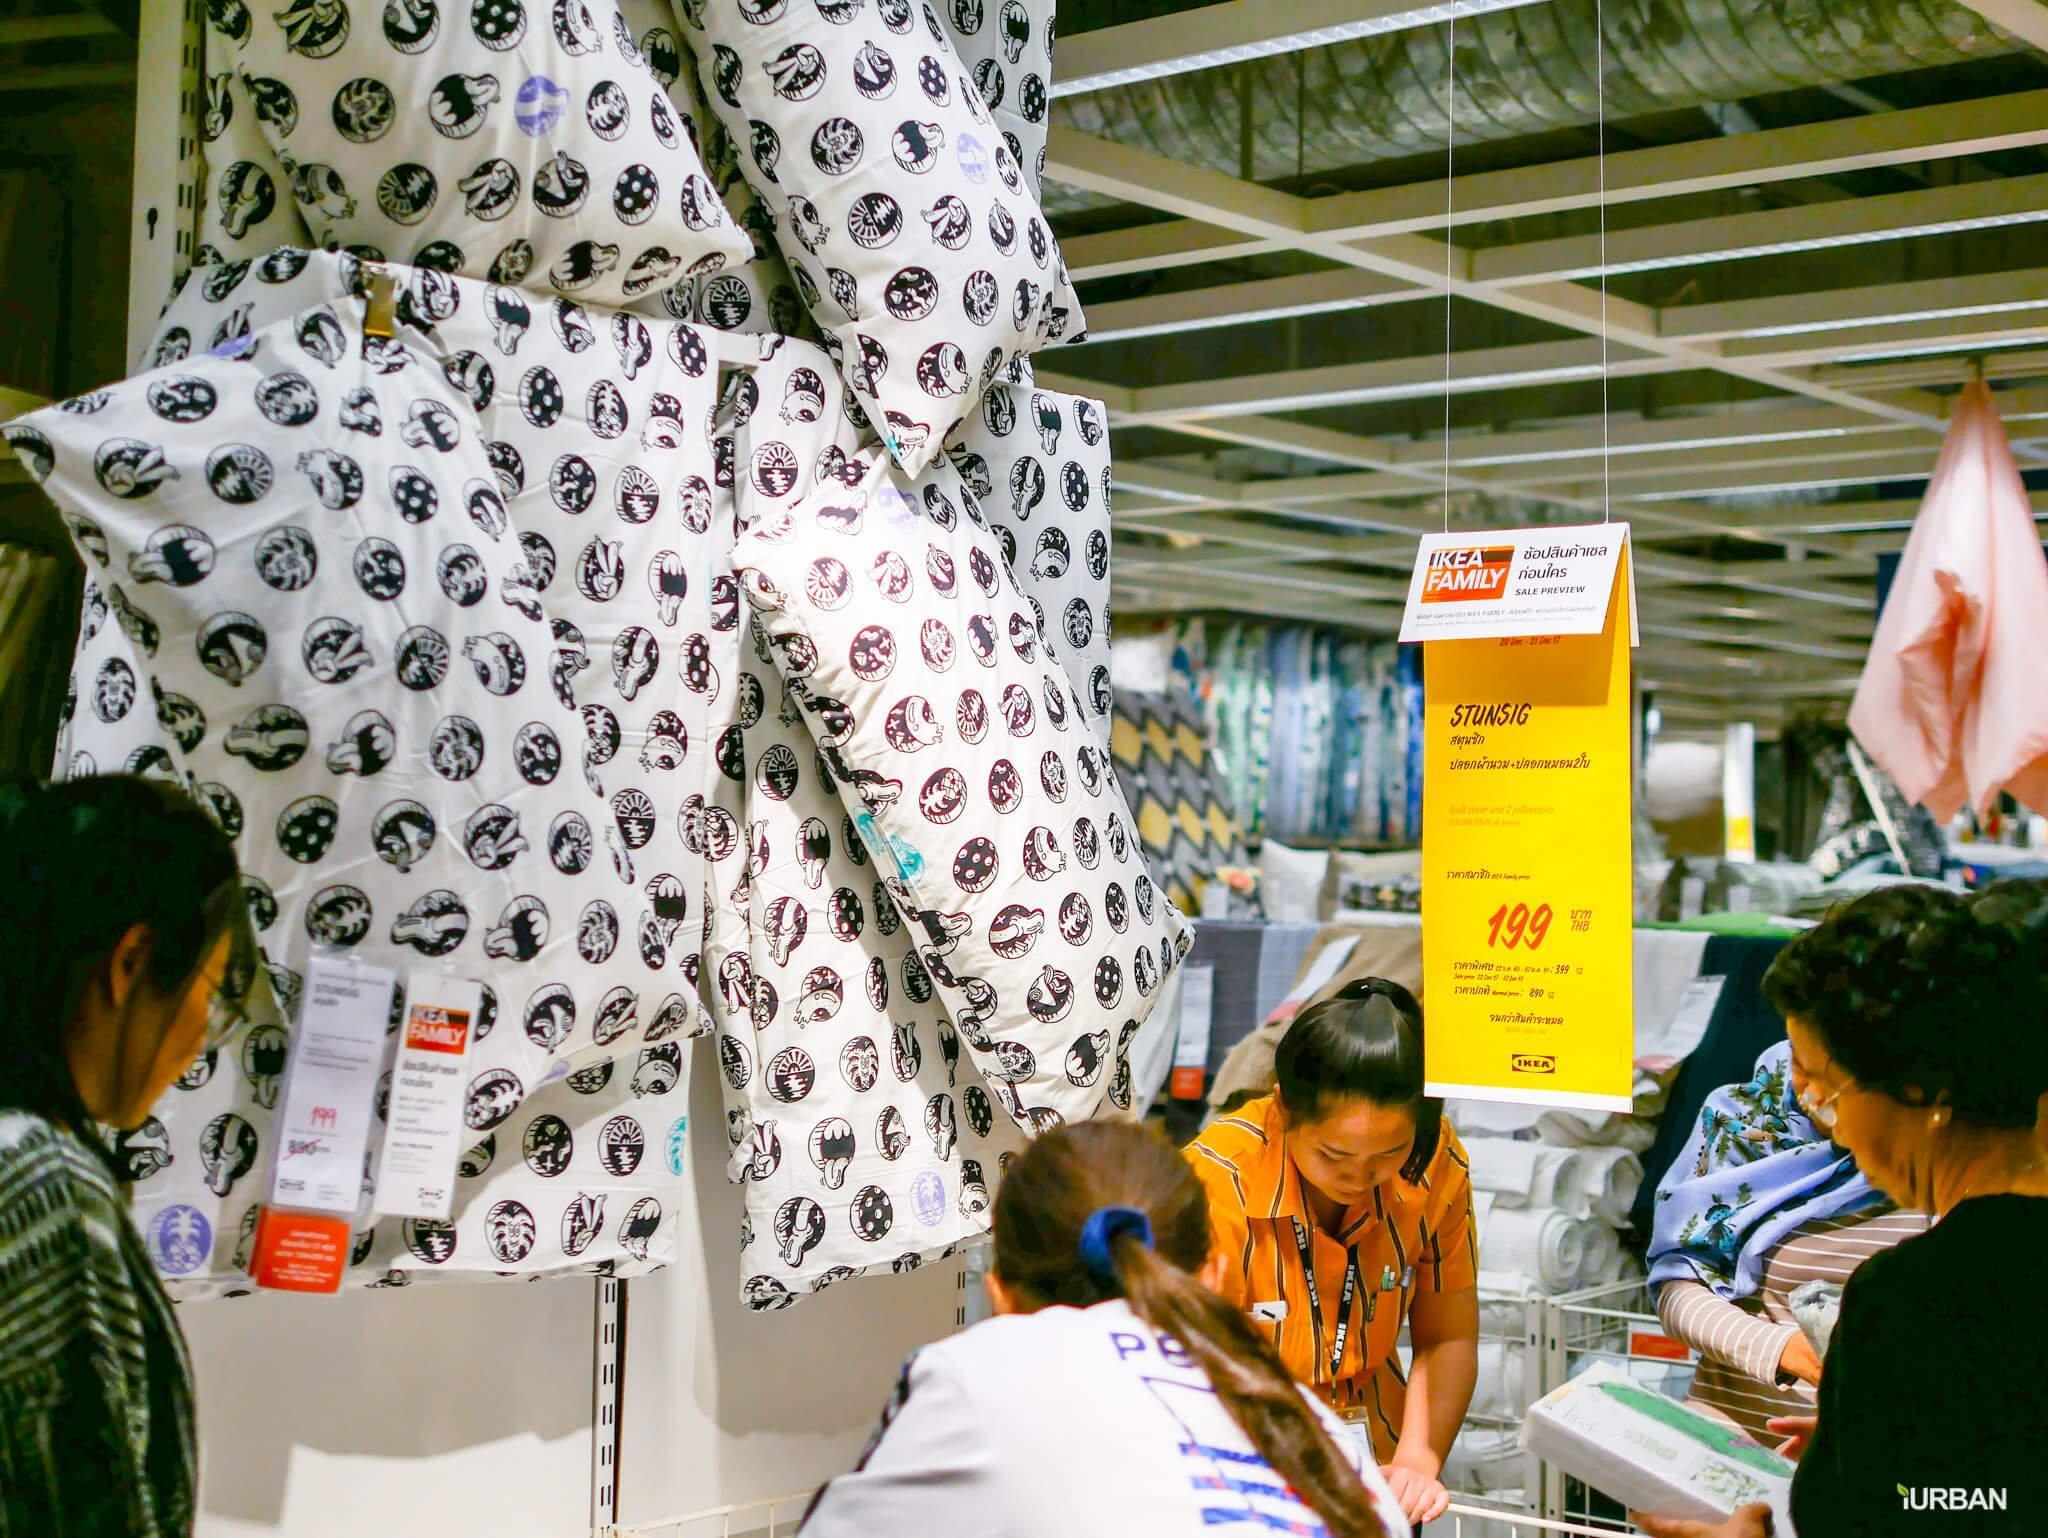 มันเยอะมากกกก!! IKEA Year End SALE 2017 รวมของเซลในอิเกีย ลดเยอะ ลดแหลก รีบพุ่งตัวไป วันนี้ - 7 มกราคม 61 154 - IKEA (อิเกีย)